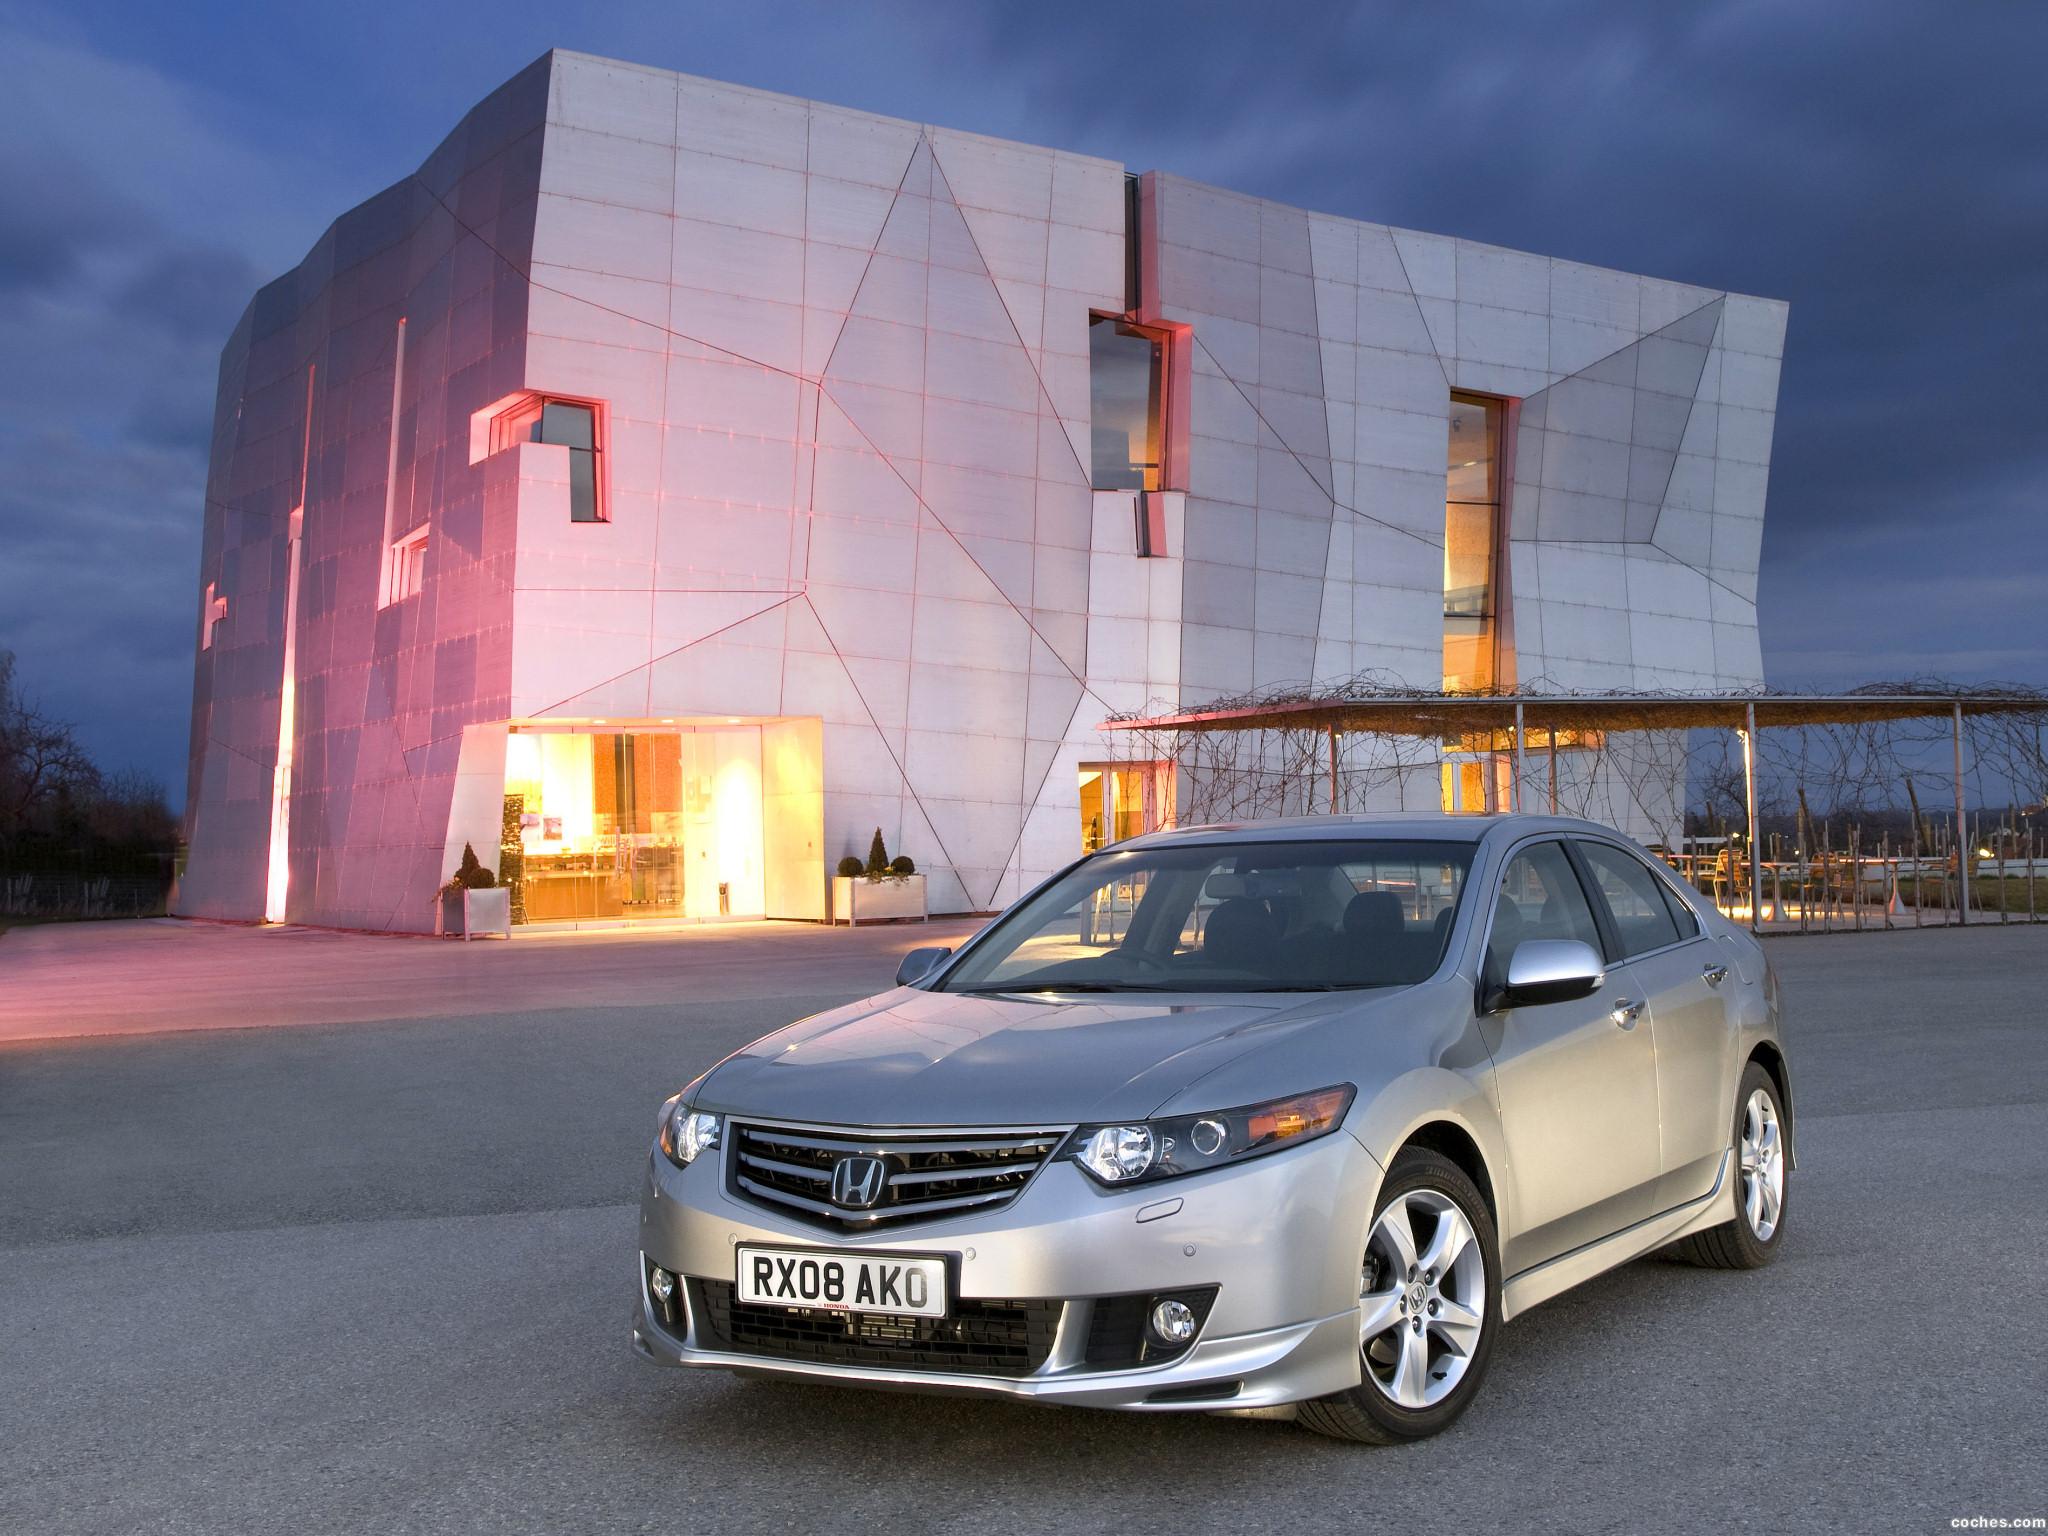 Foto 4 de Honda Accord UK Edition 2008